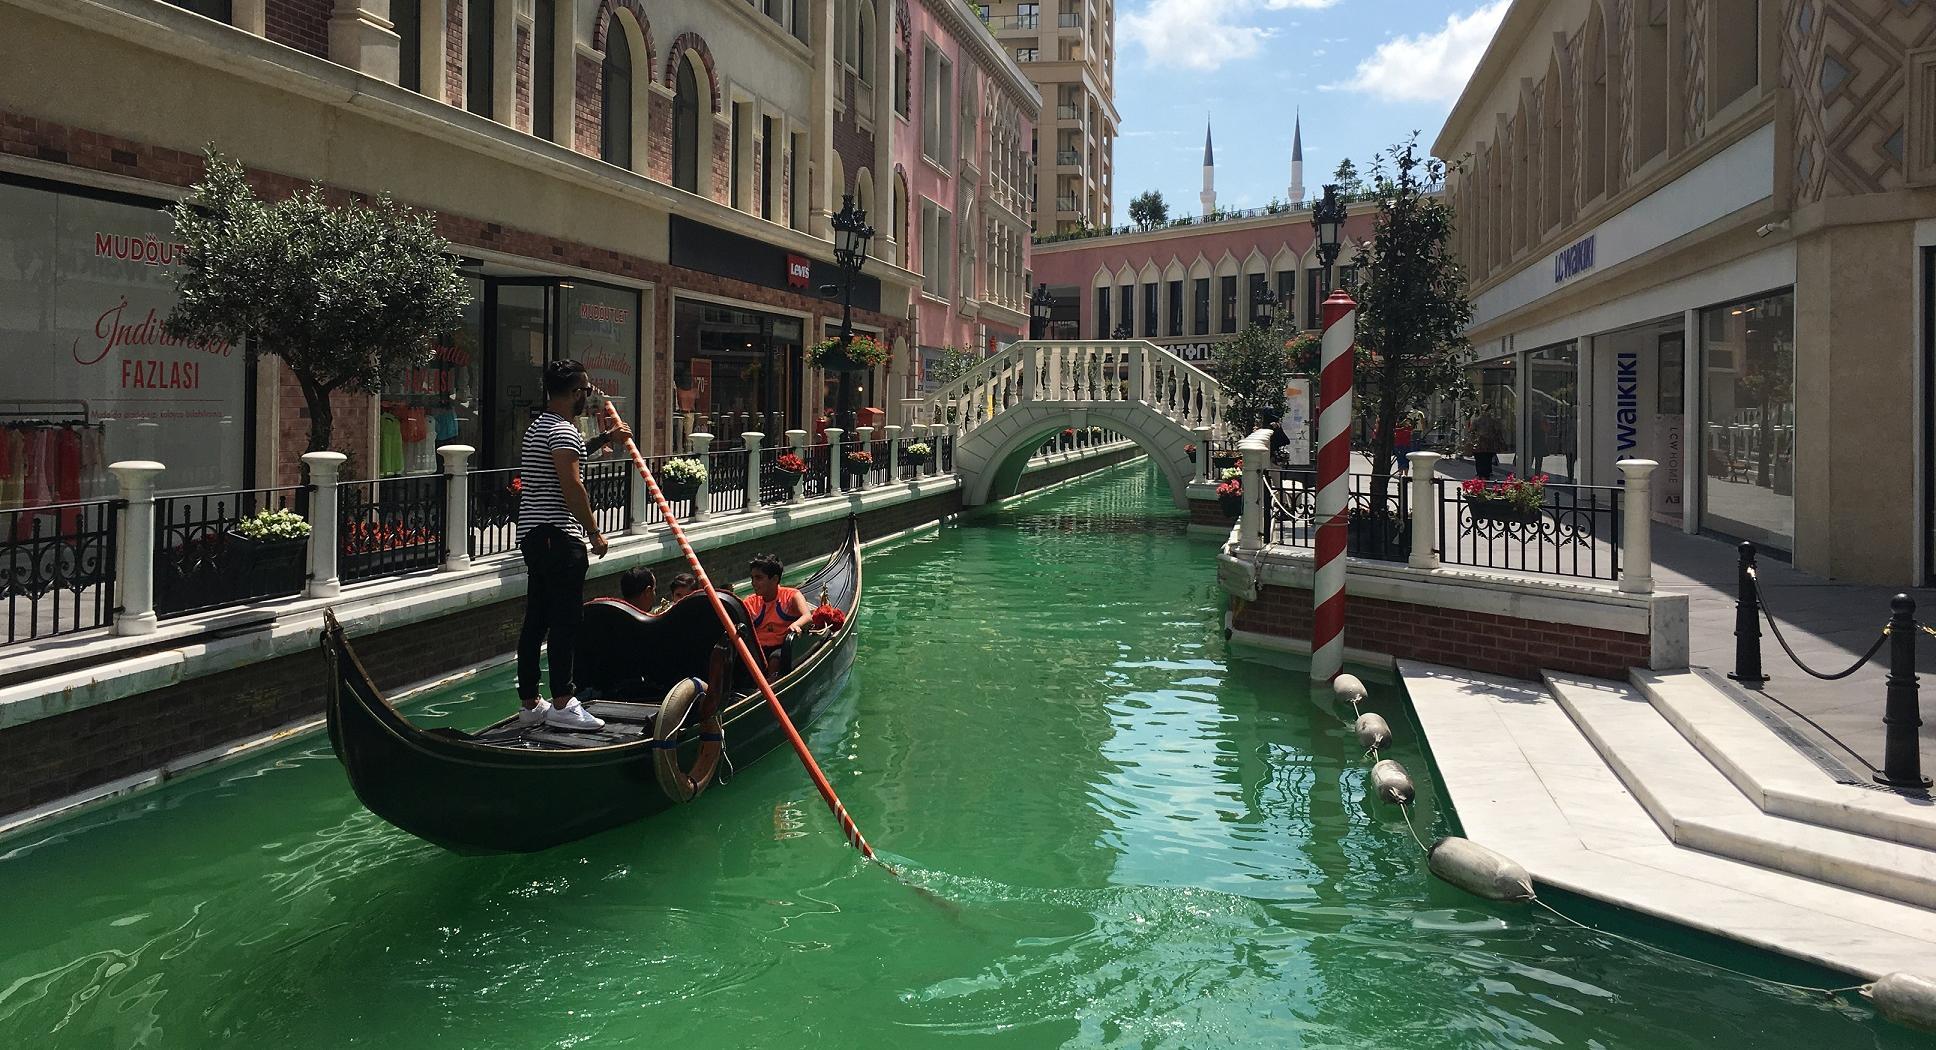 Venezia Mega Outlet İstanbul'da şaşırtıcı Venedik konsepti ile ziyaretçileri kendine hayran bırakıyor.